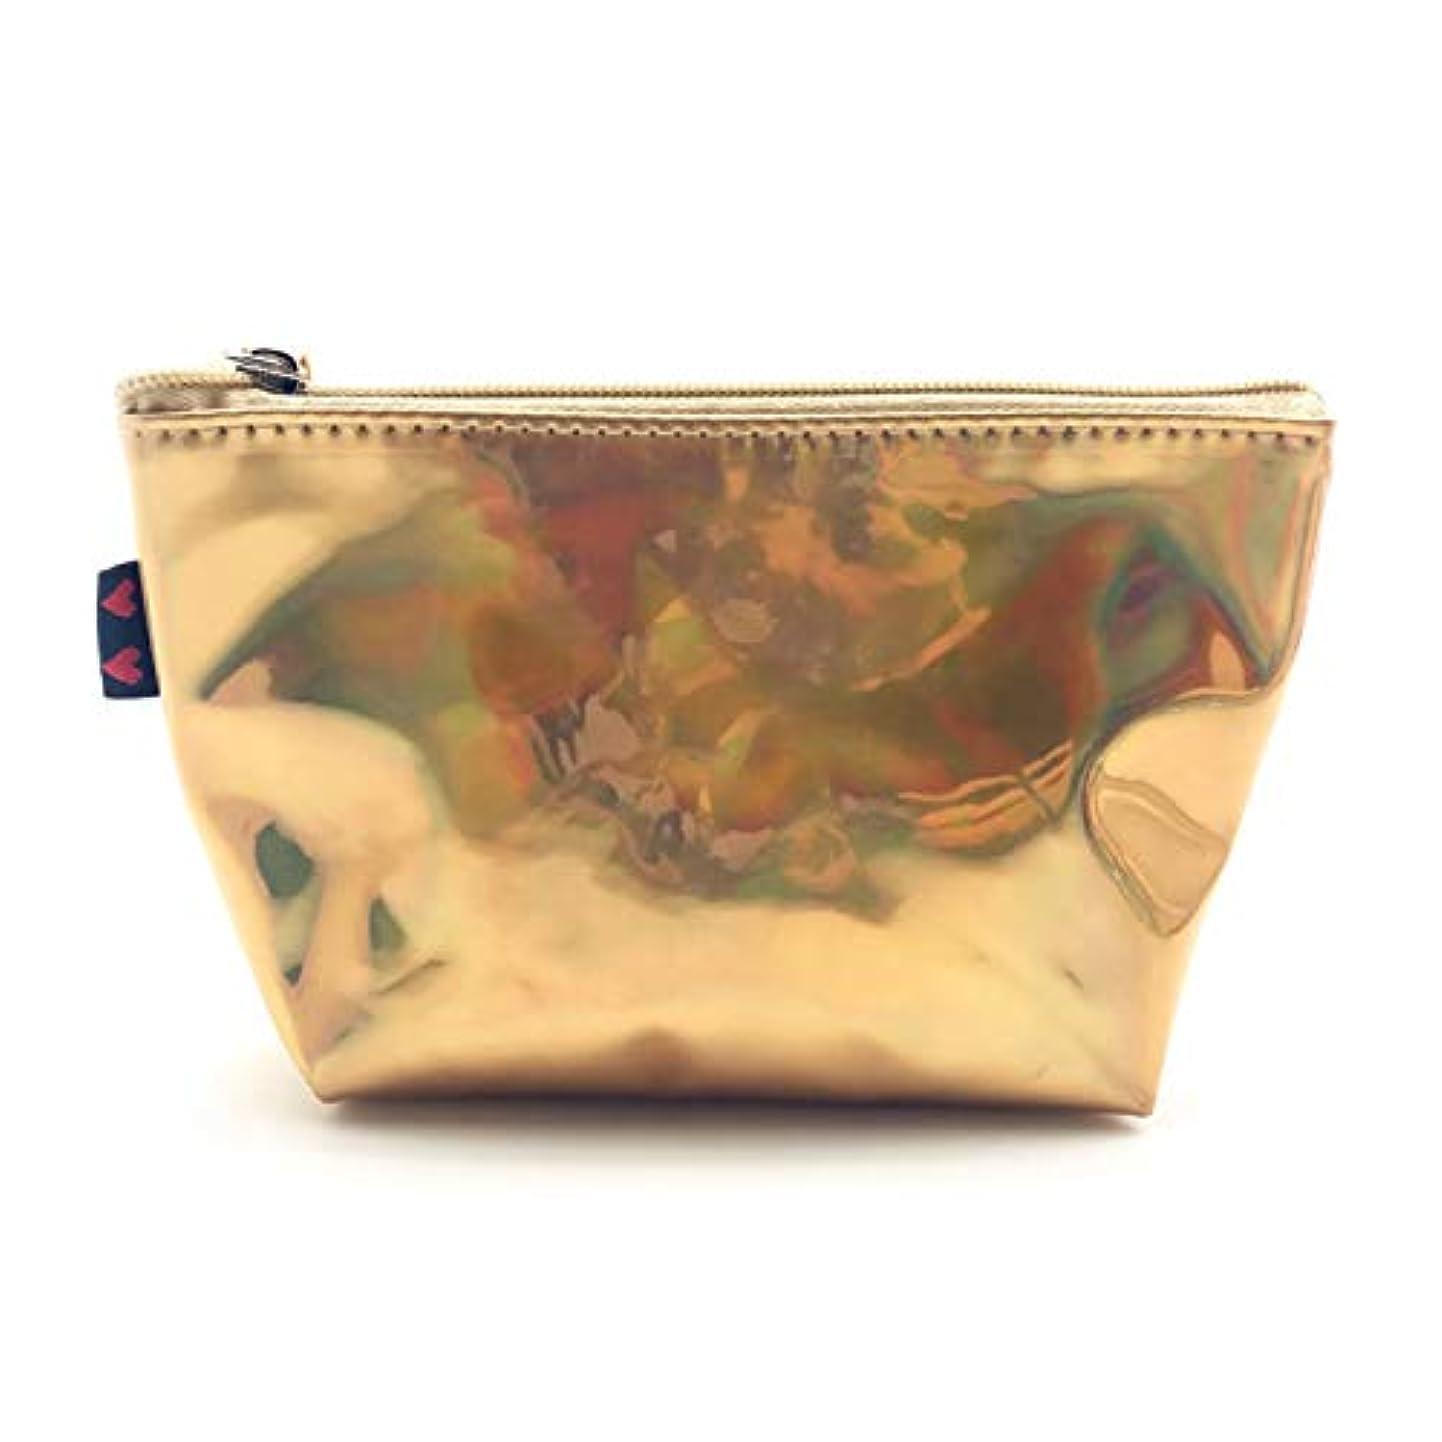 望みアフリカ承知しましたOU-Kunmlef 実用的な新リーフ小レーザーメイクアップポータブル旅行バッグ化粧品の女性`(None gold)